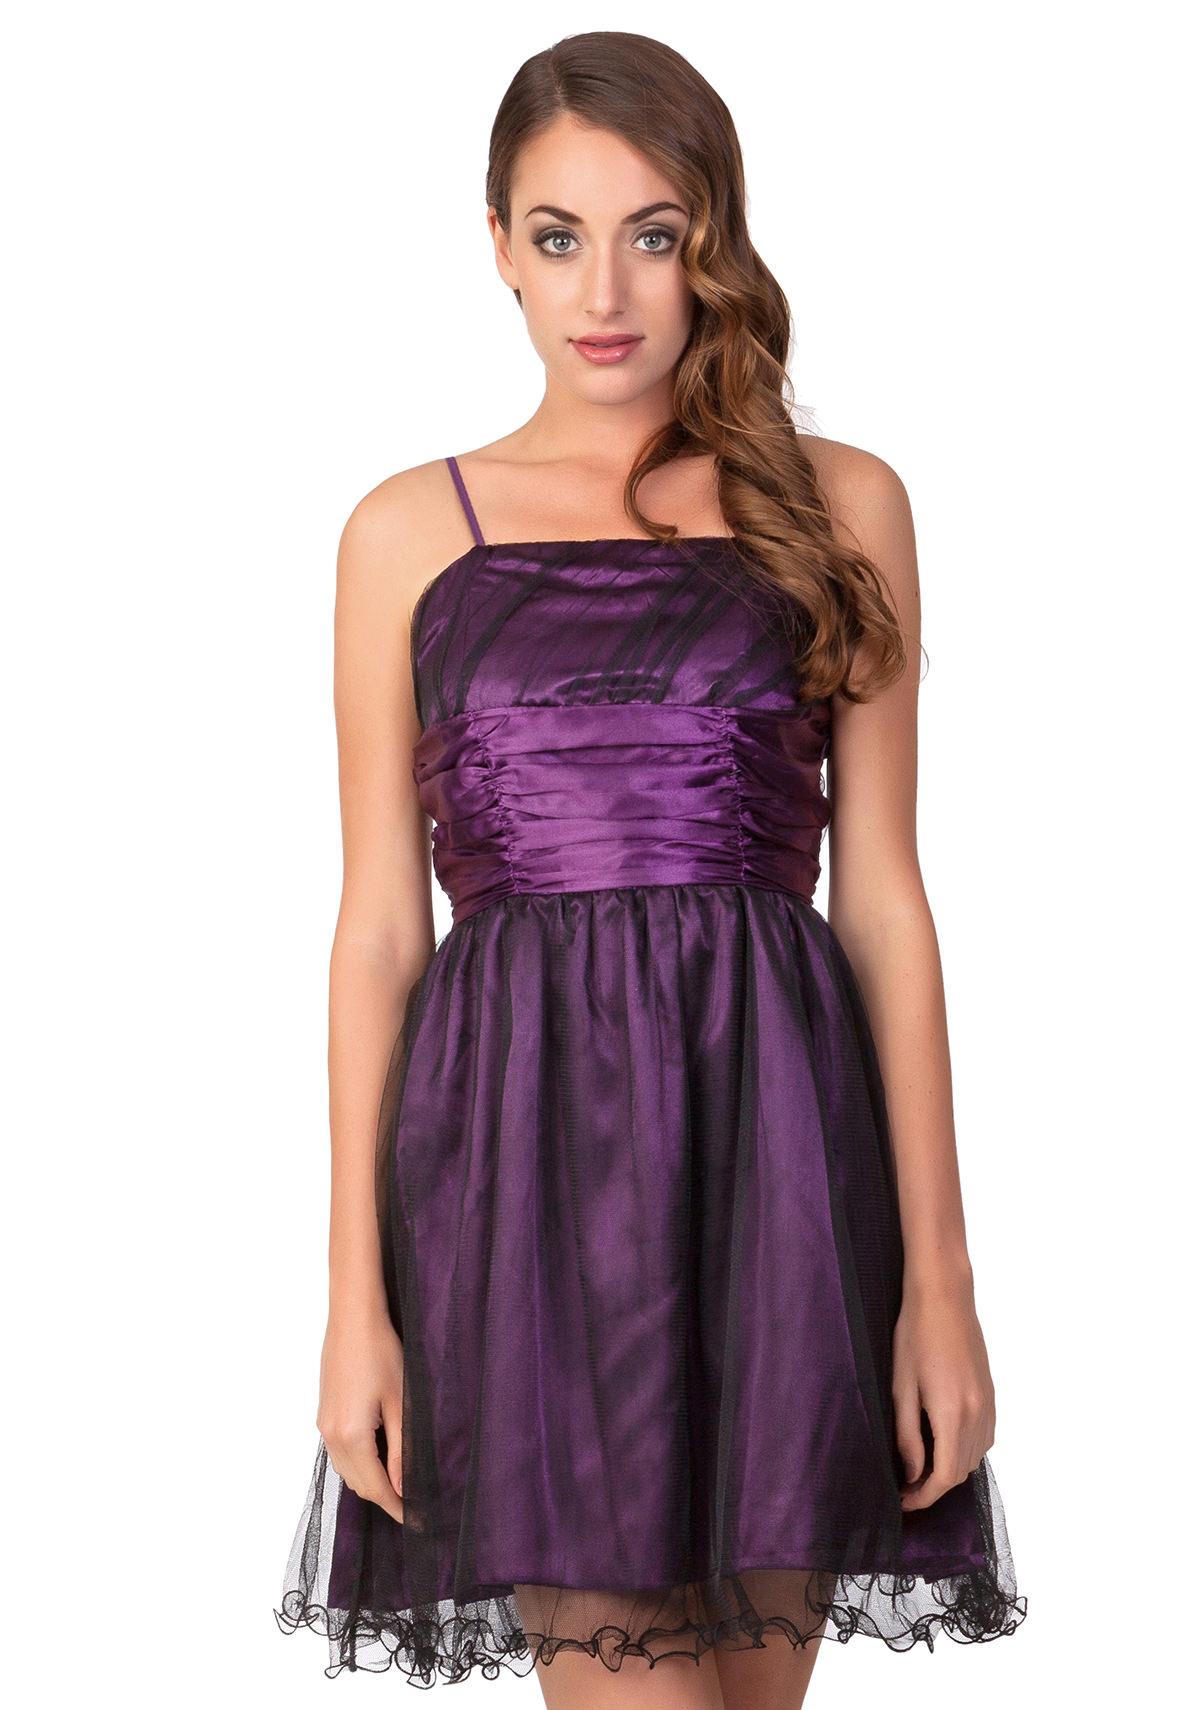 standesamtkleid mit schleife in lila g nstig online kaufen. Black Bedroom Furniture Sets. Home Design Ideas